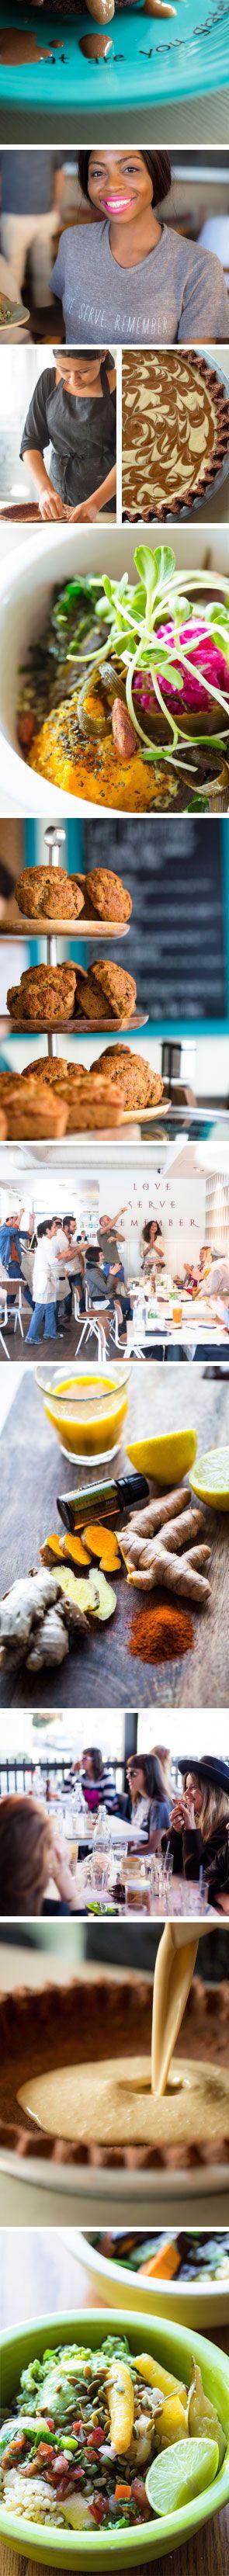 Cafe Gratitude (Berkley, LA, other locations, CA)